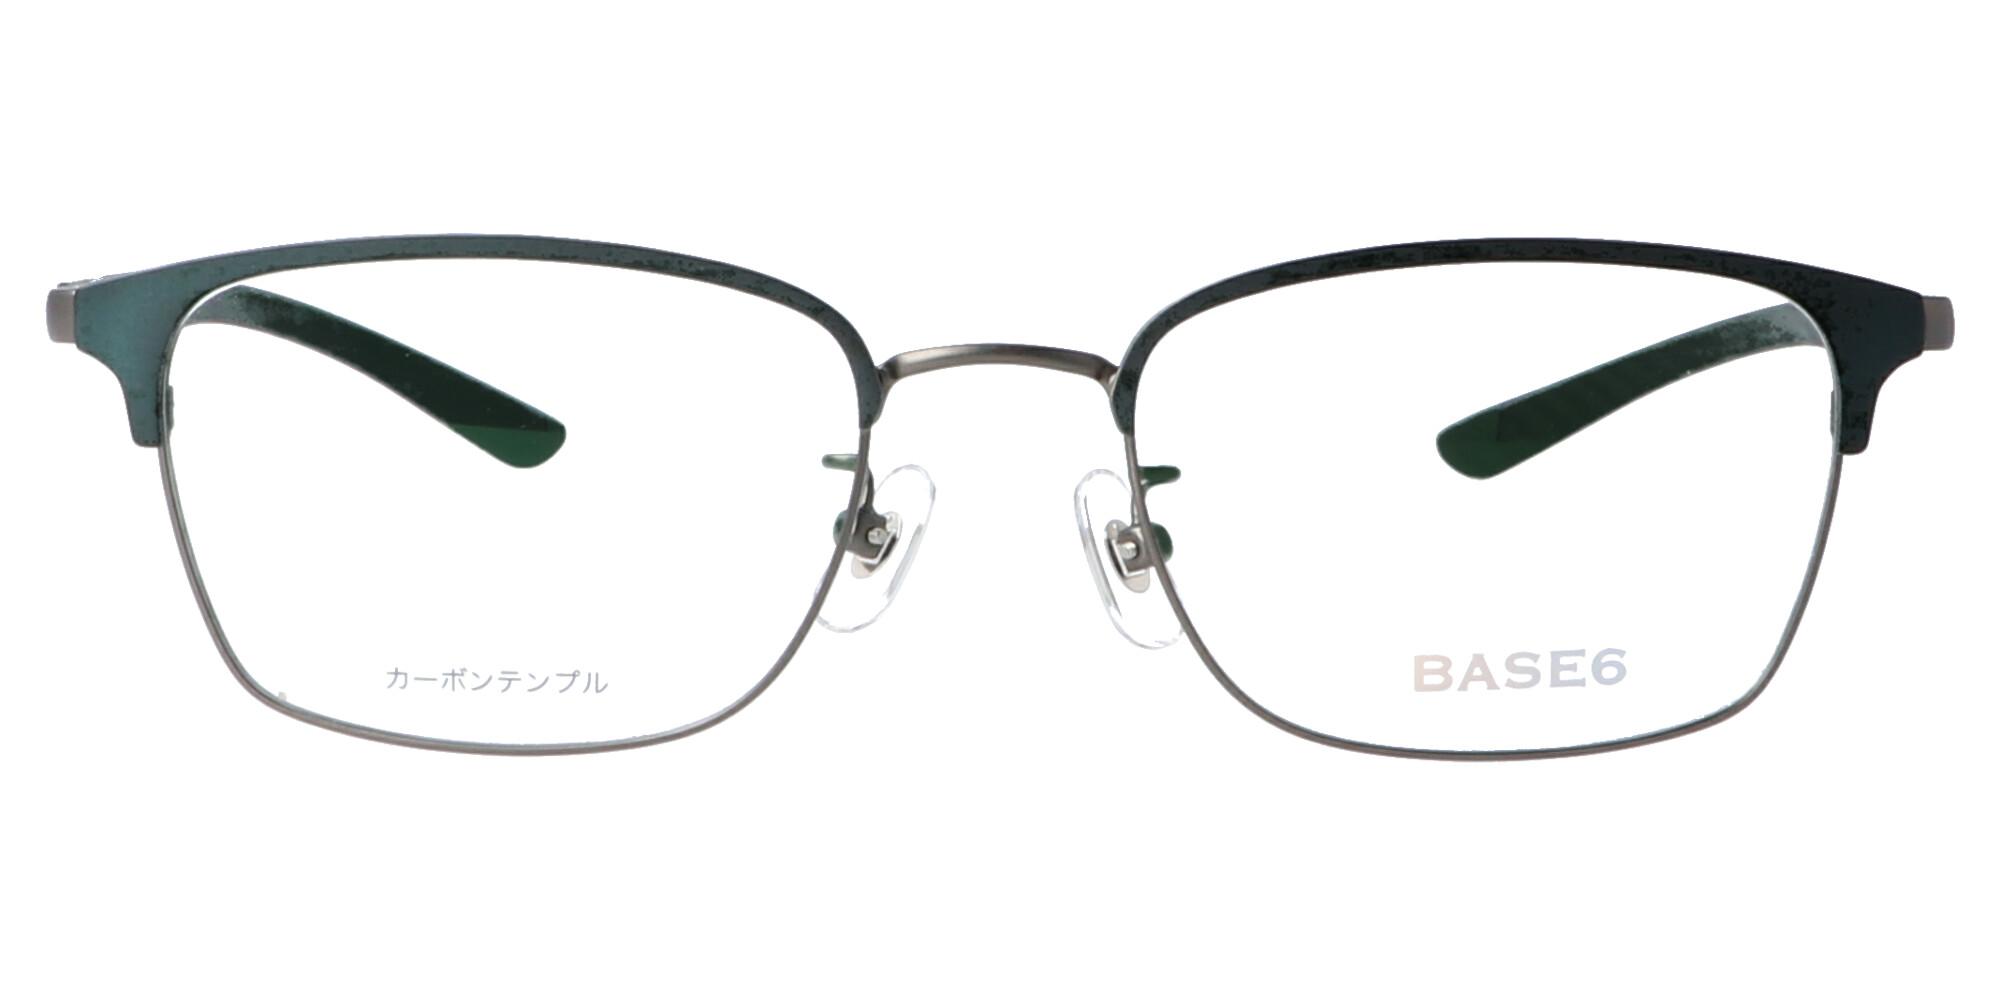 BASE6 BS2497_52_ガンメタリック/グリーン&グリーン